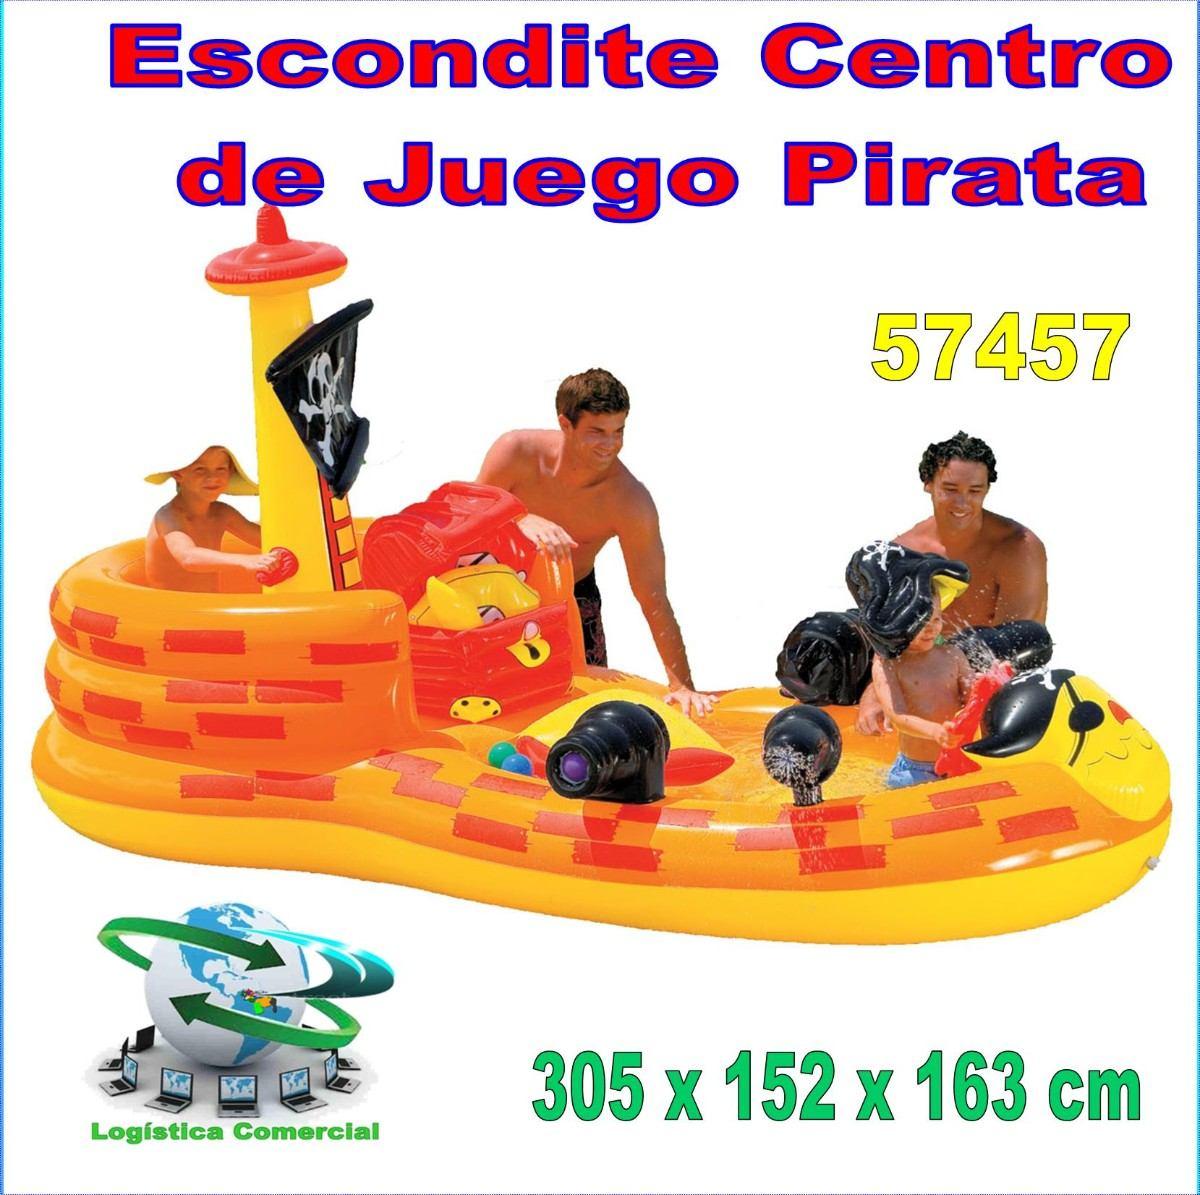 Piscina inflable centro juego accesorios piratas intex for Piscina inflable intex